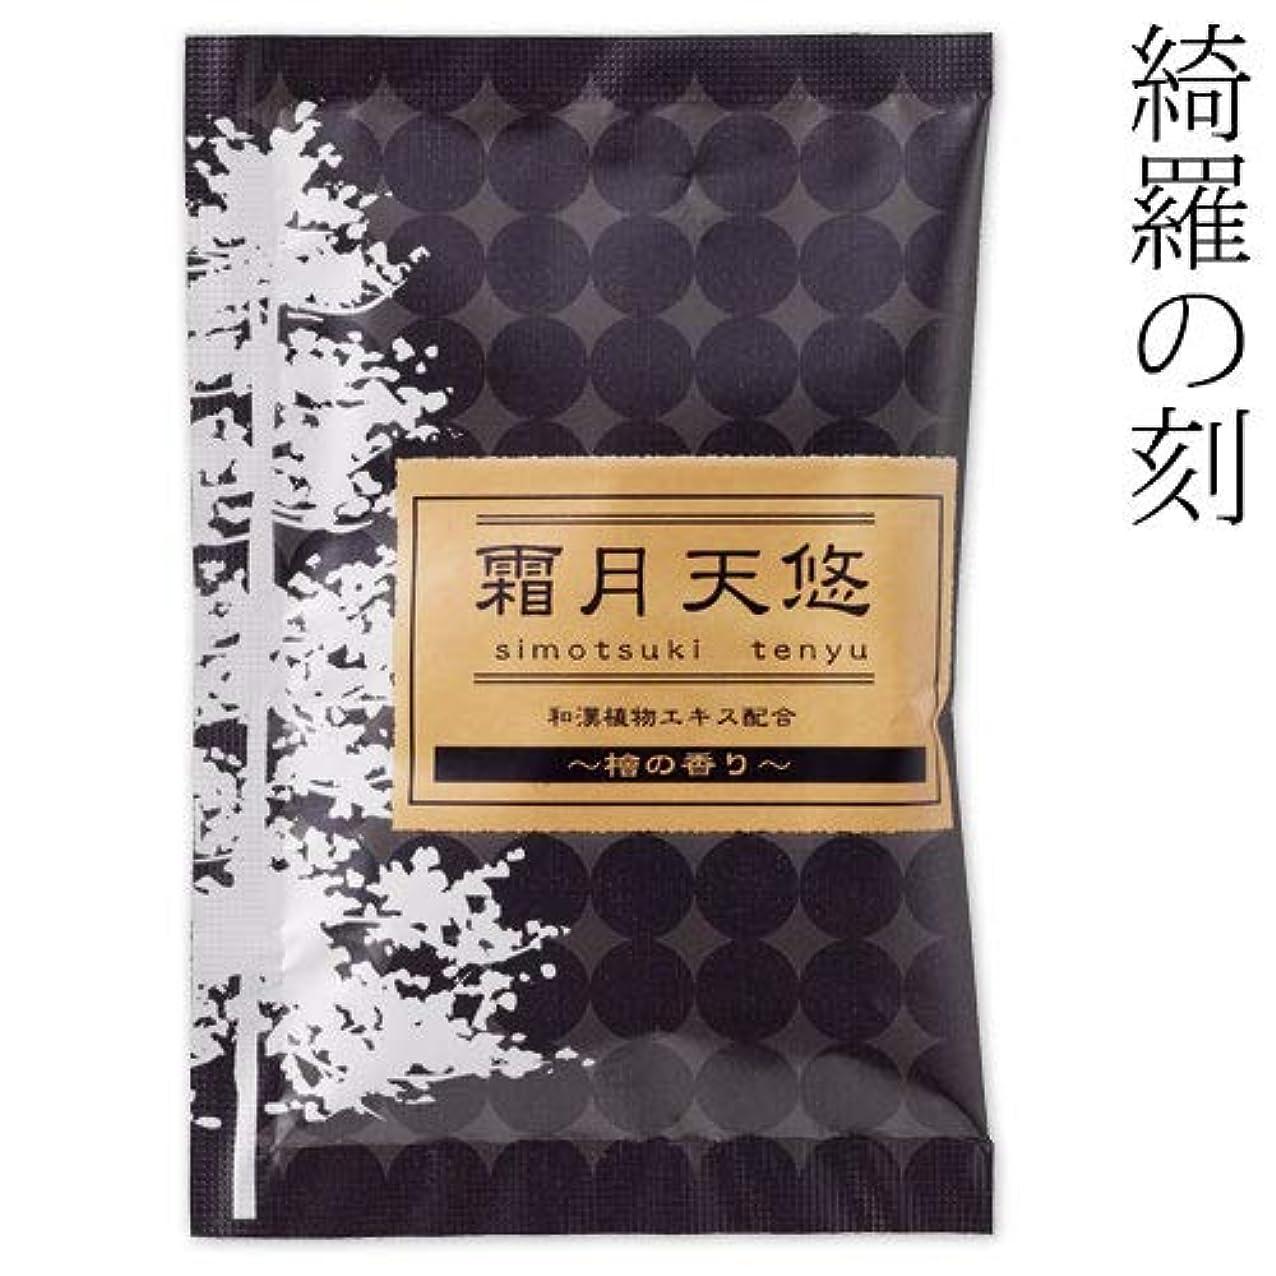 目立つ依存する普及入浴剤綺羅の刻檜の香り霜月天悠1包石川県のお風呂グッズBath additive, Ishikawa craft